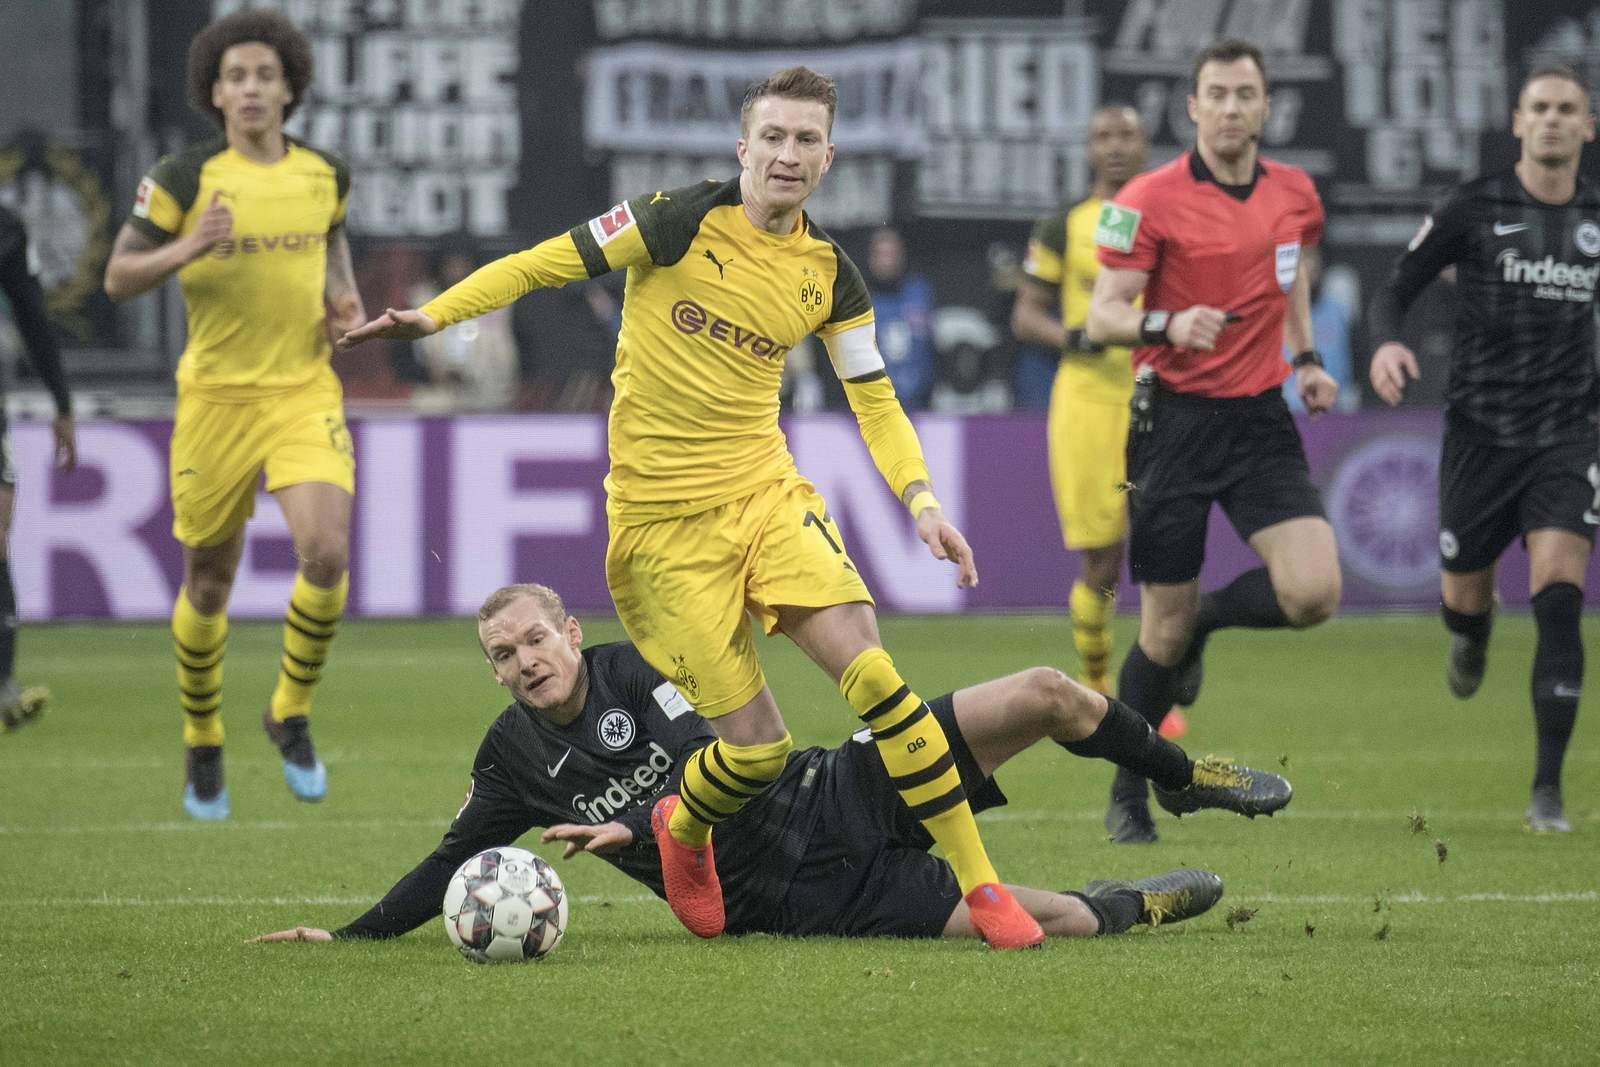 Setzt sich Reus wieder gegen Rode durch? Jetzt auf Eintracht Frankfurt gegen BVB wetten